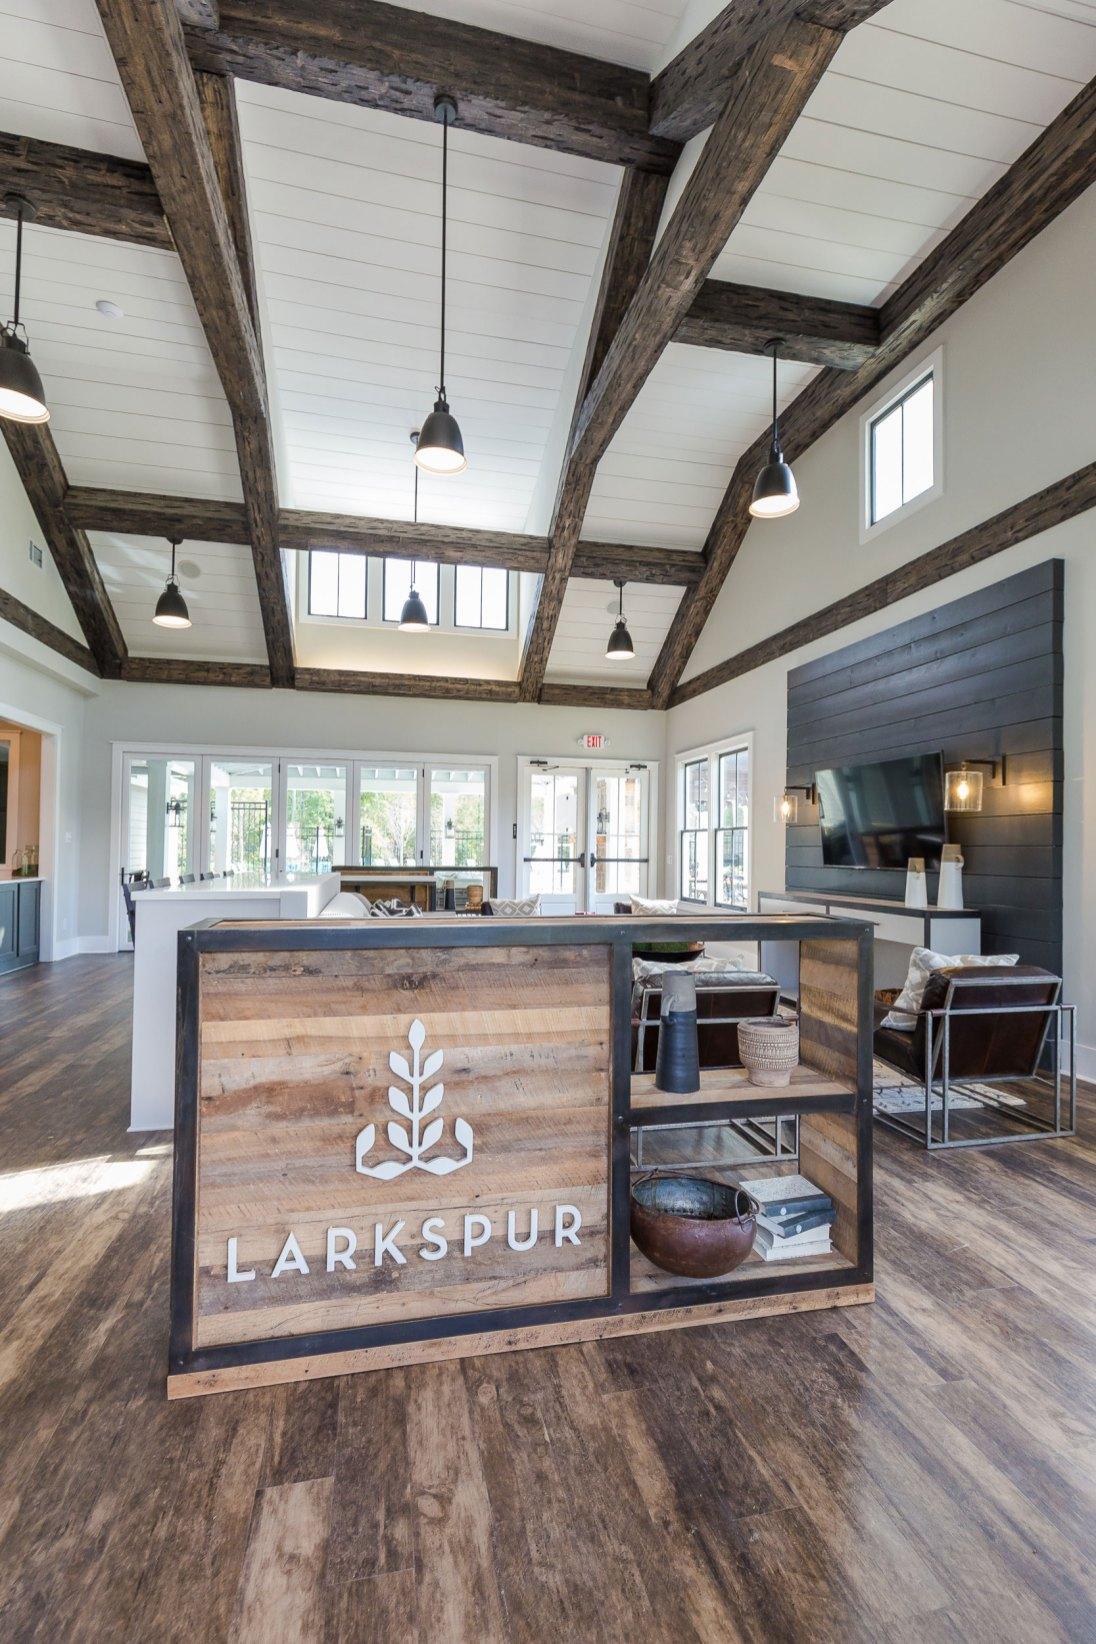 Haven-Design-Works-Atlanta-Edward-Andrews-Larkspur-reclaimed-beams